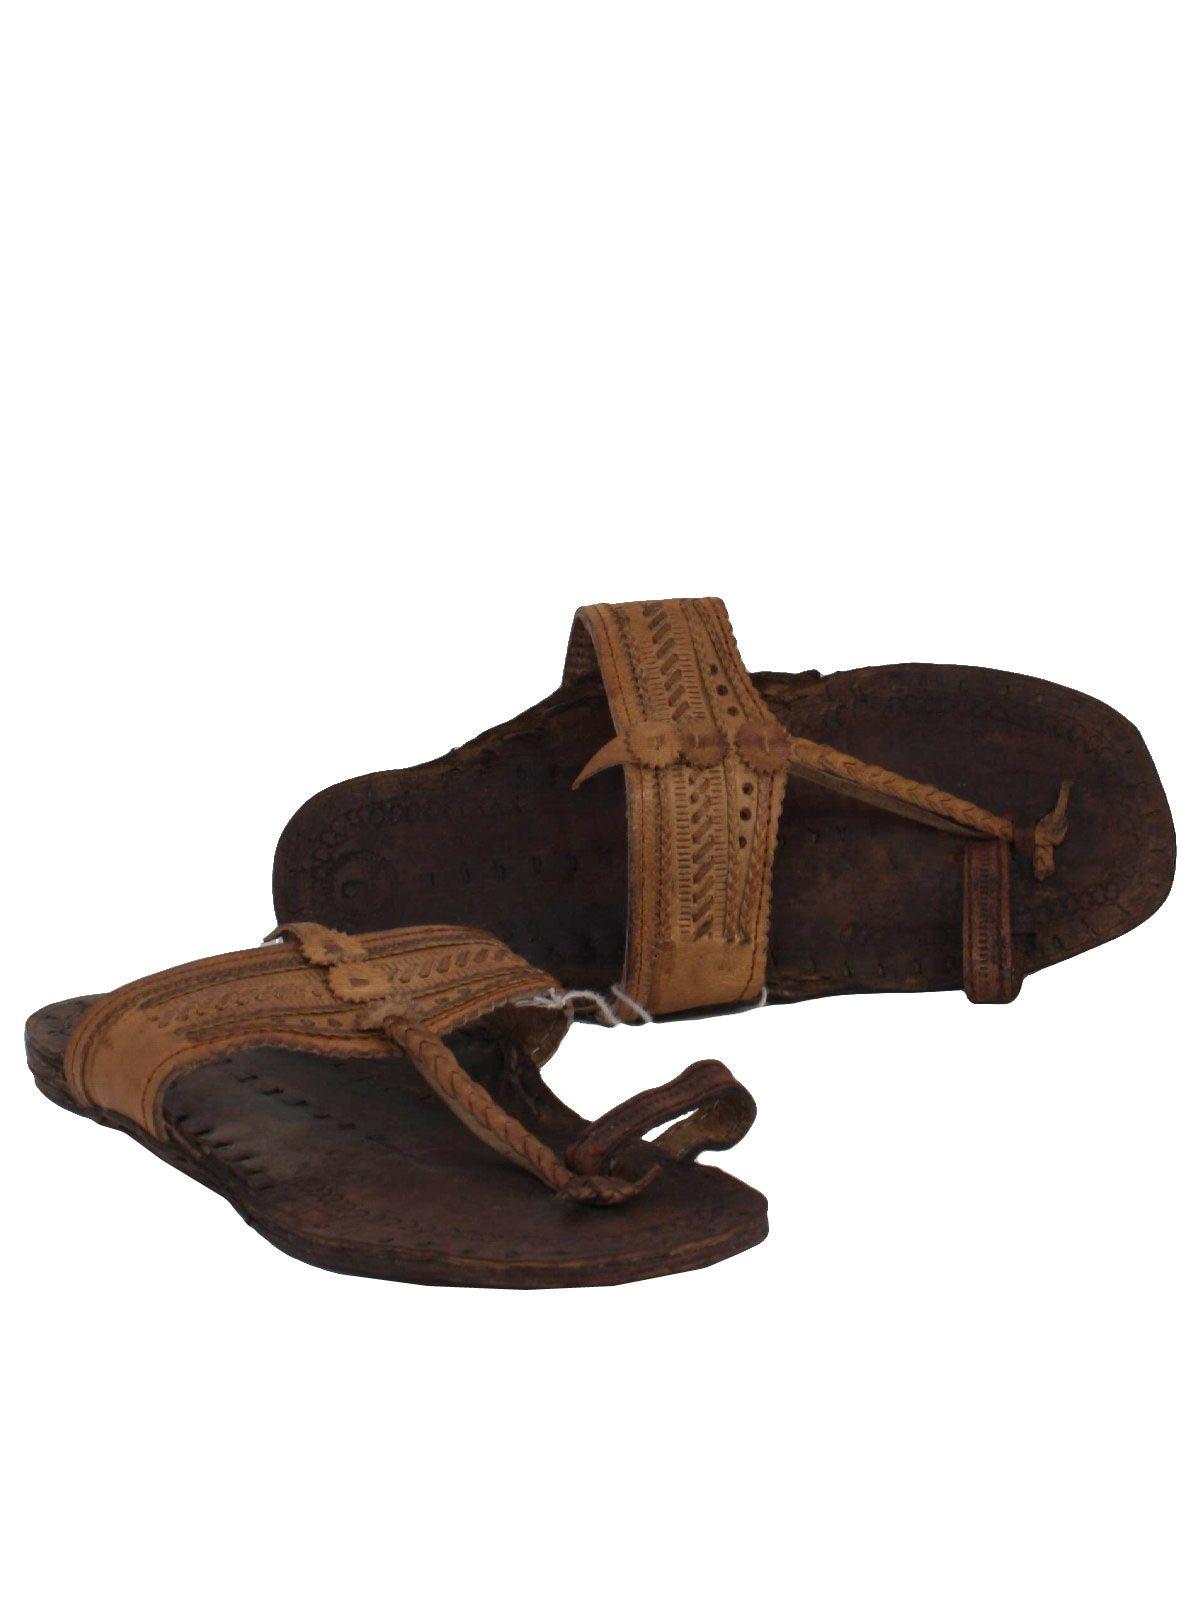 5355a02a105d2 1970's Unisex Unisex Leather Hippie Jesus Sandal Shoes | Growing up ...